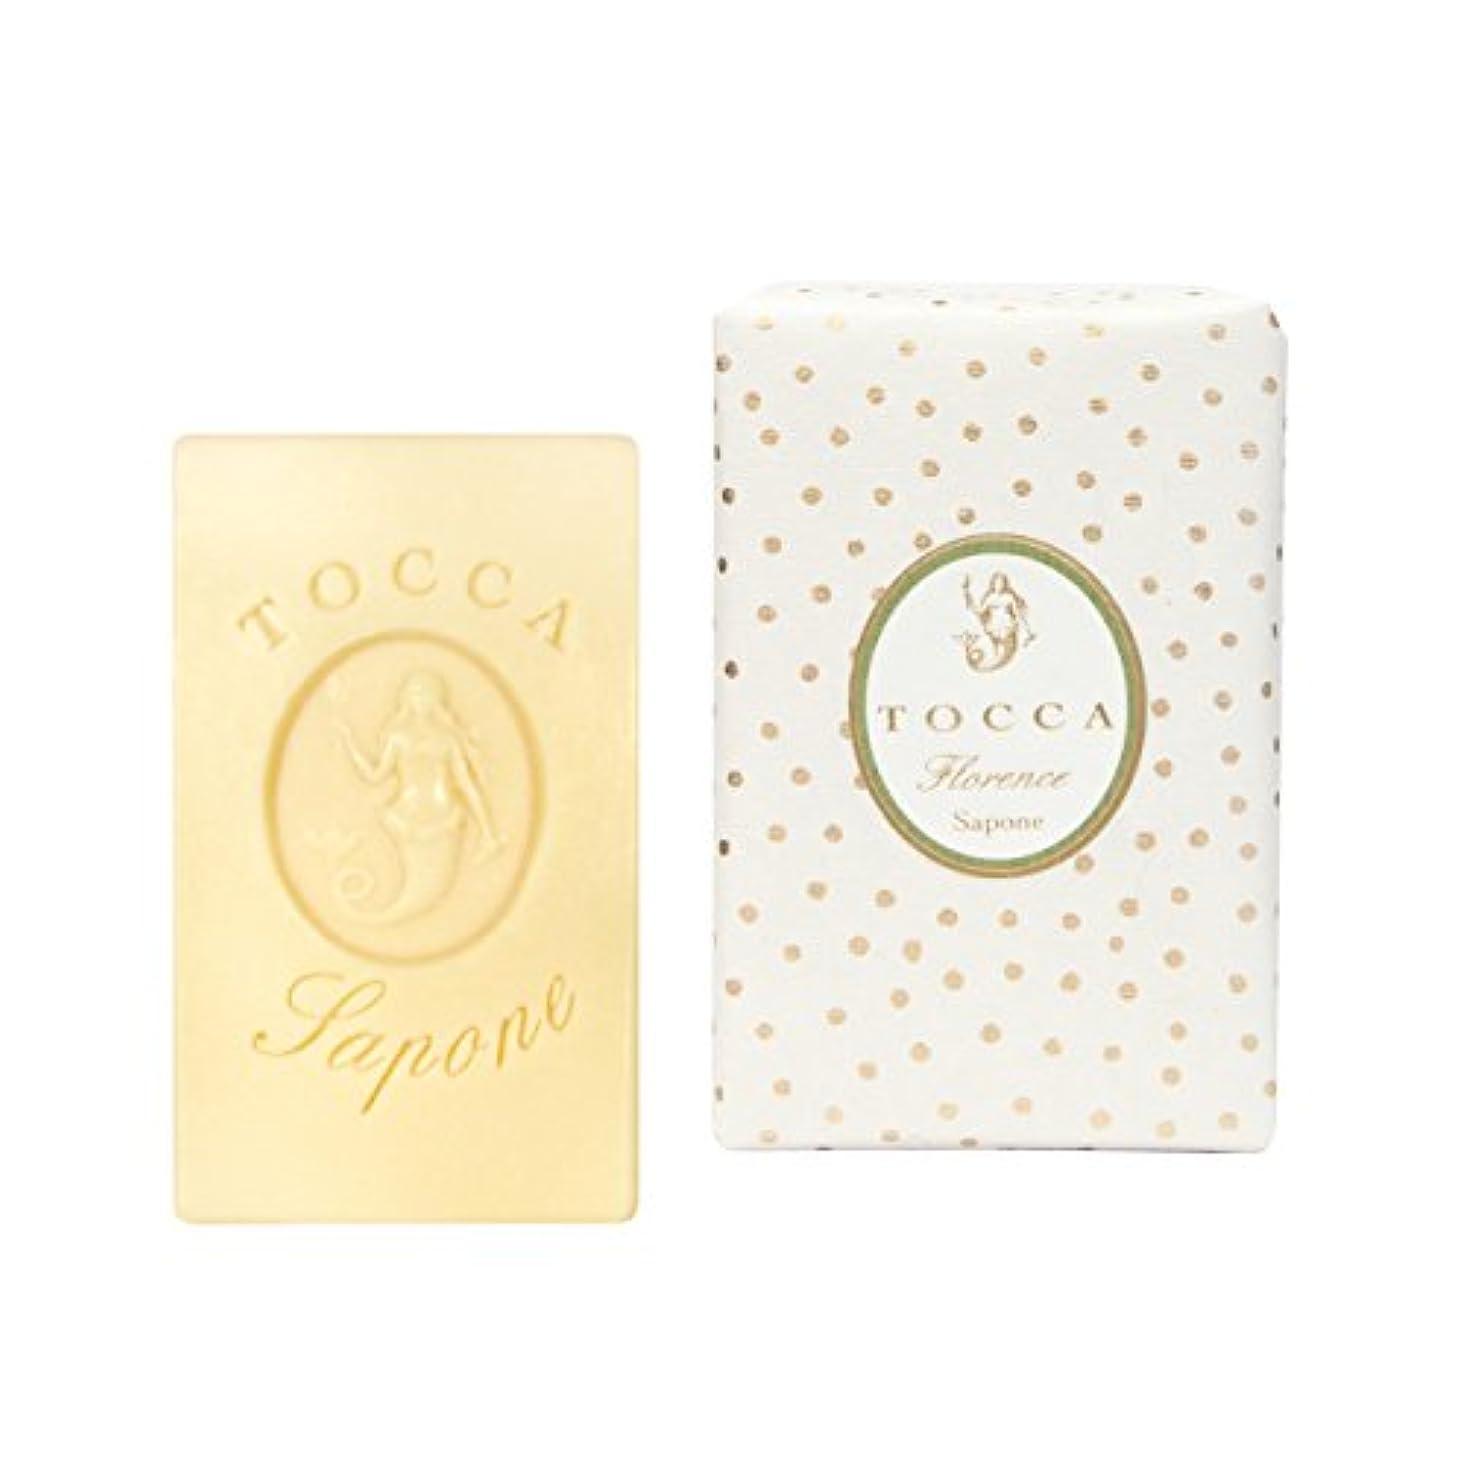 役立つ町ドールトッカ(TOCCA) ソープバーフローレンスの香り 113g(石けん 化粧石けん ガーデニアとベルガモットが誘うように溶け合うどこまでも上品なフローラルの香り)